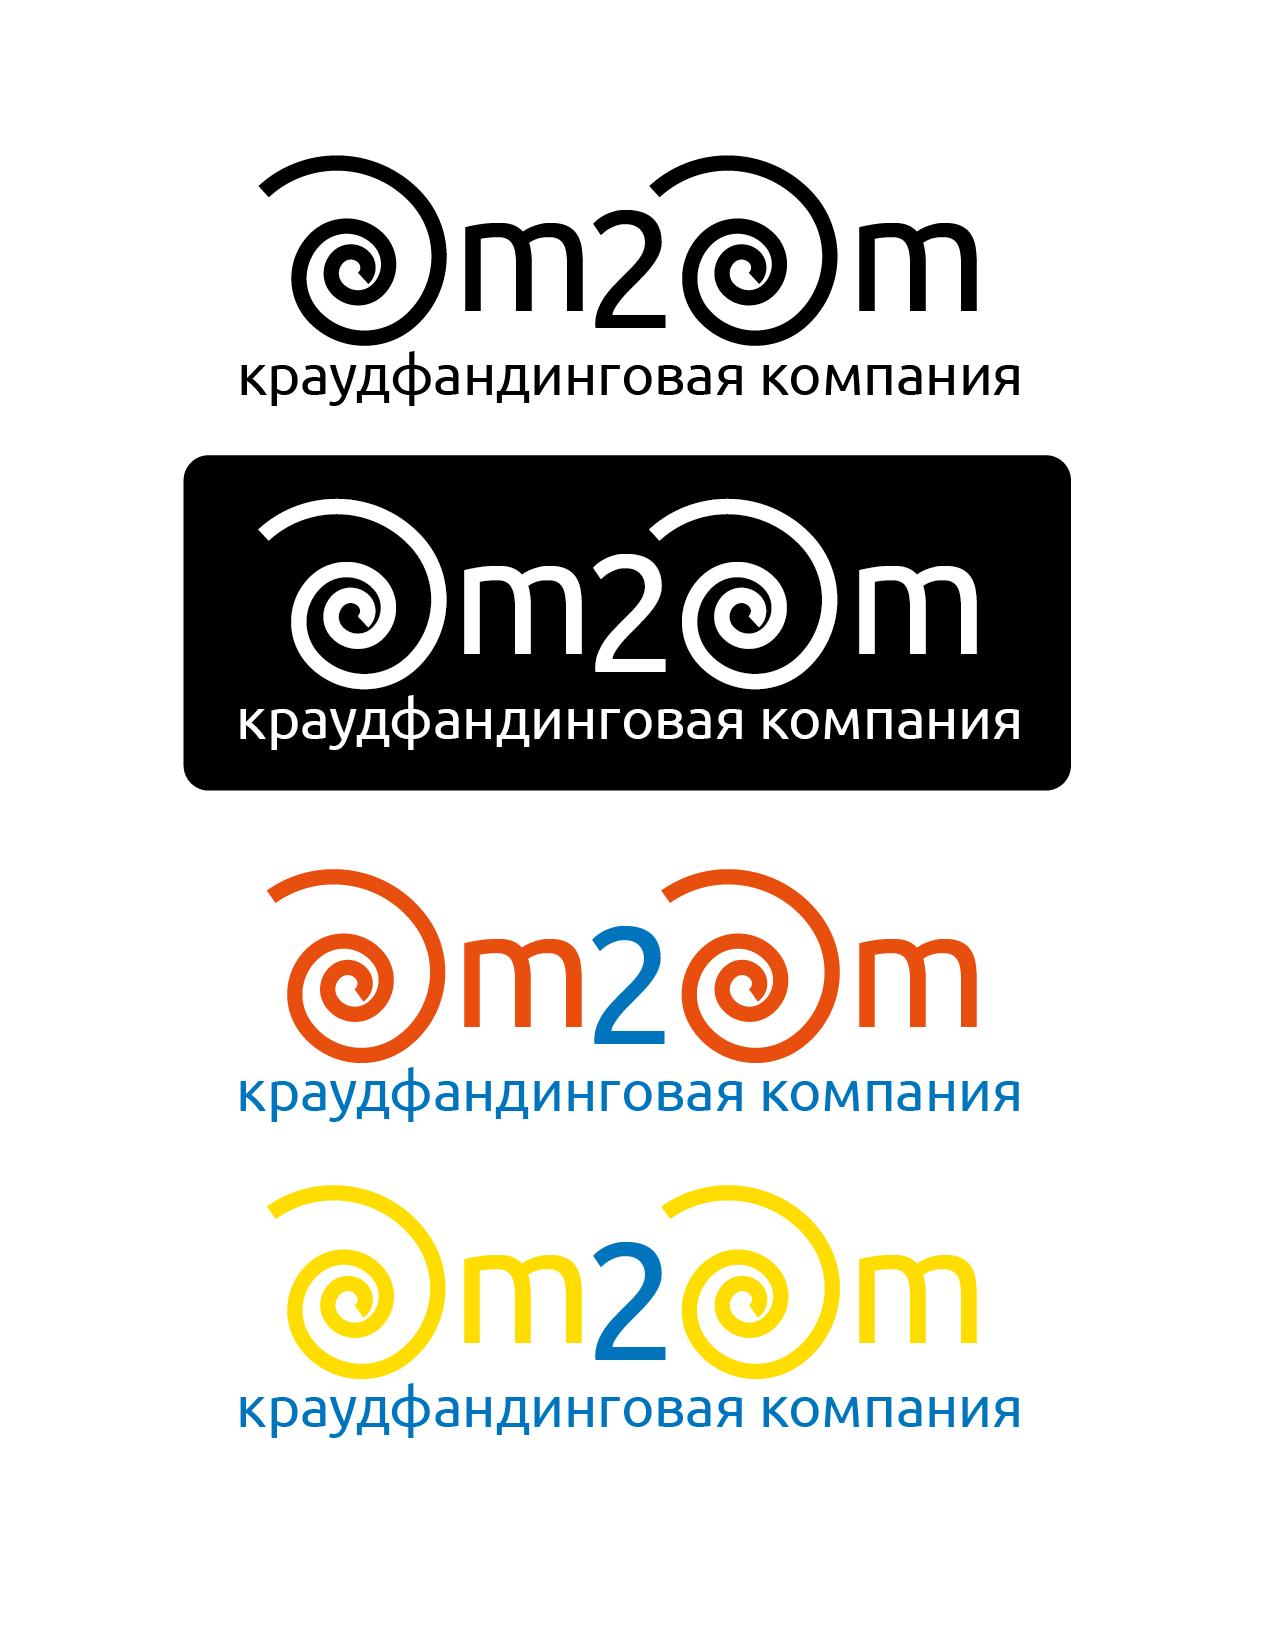 Разработка логотипа для краудфандинговой платформы om2om.md фото f_9415f5de2c9dc987.png